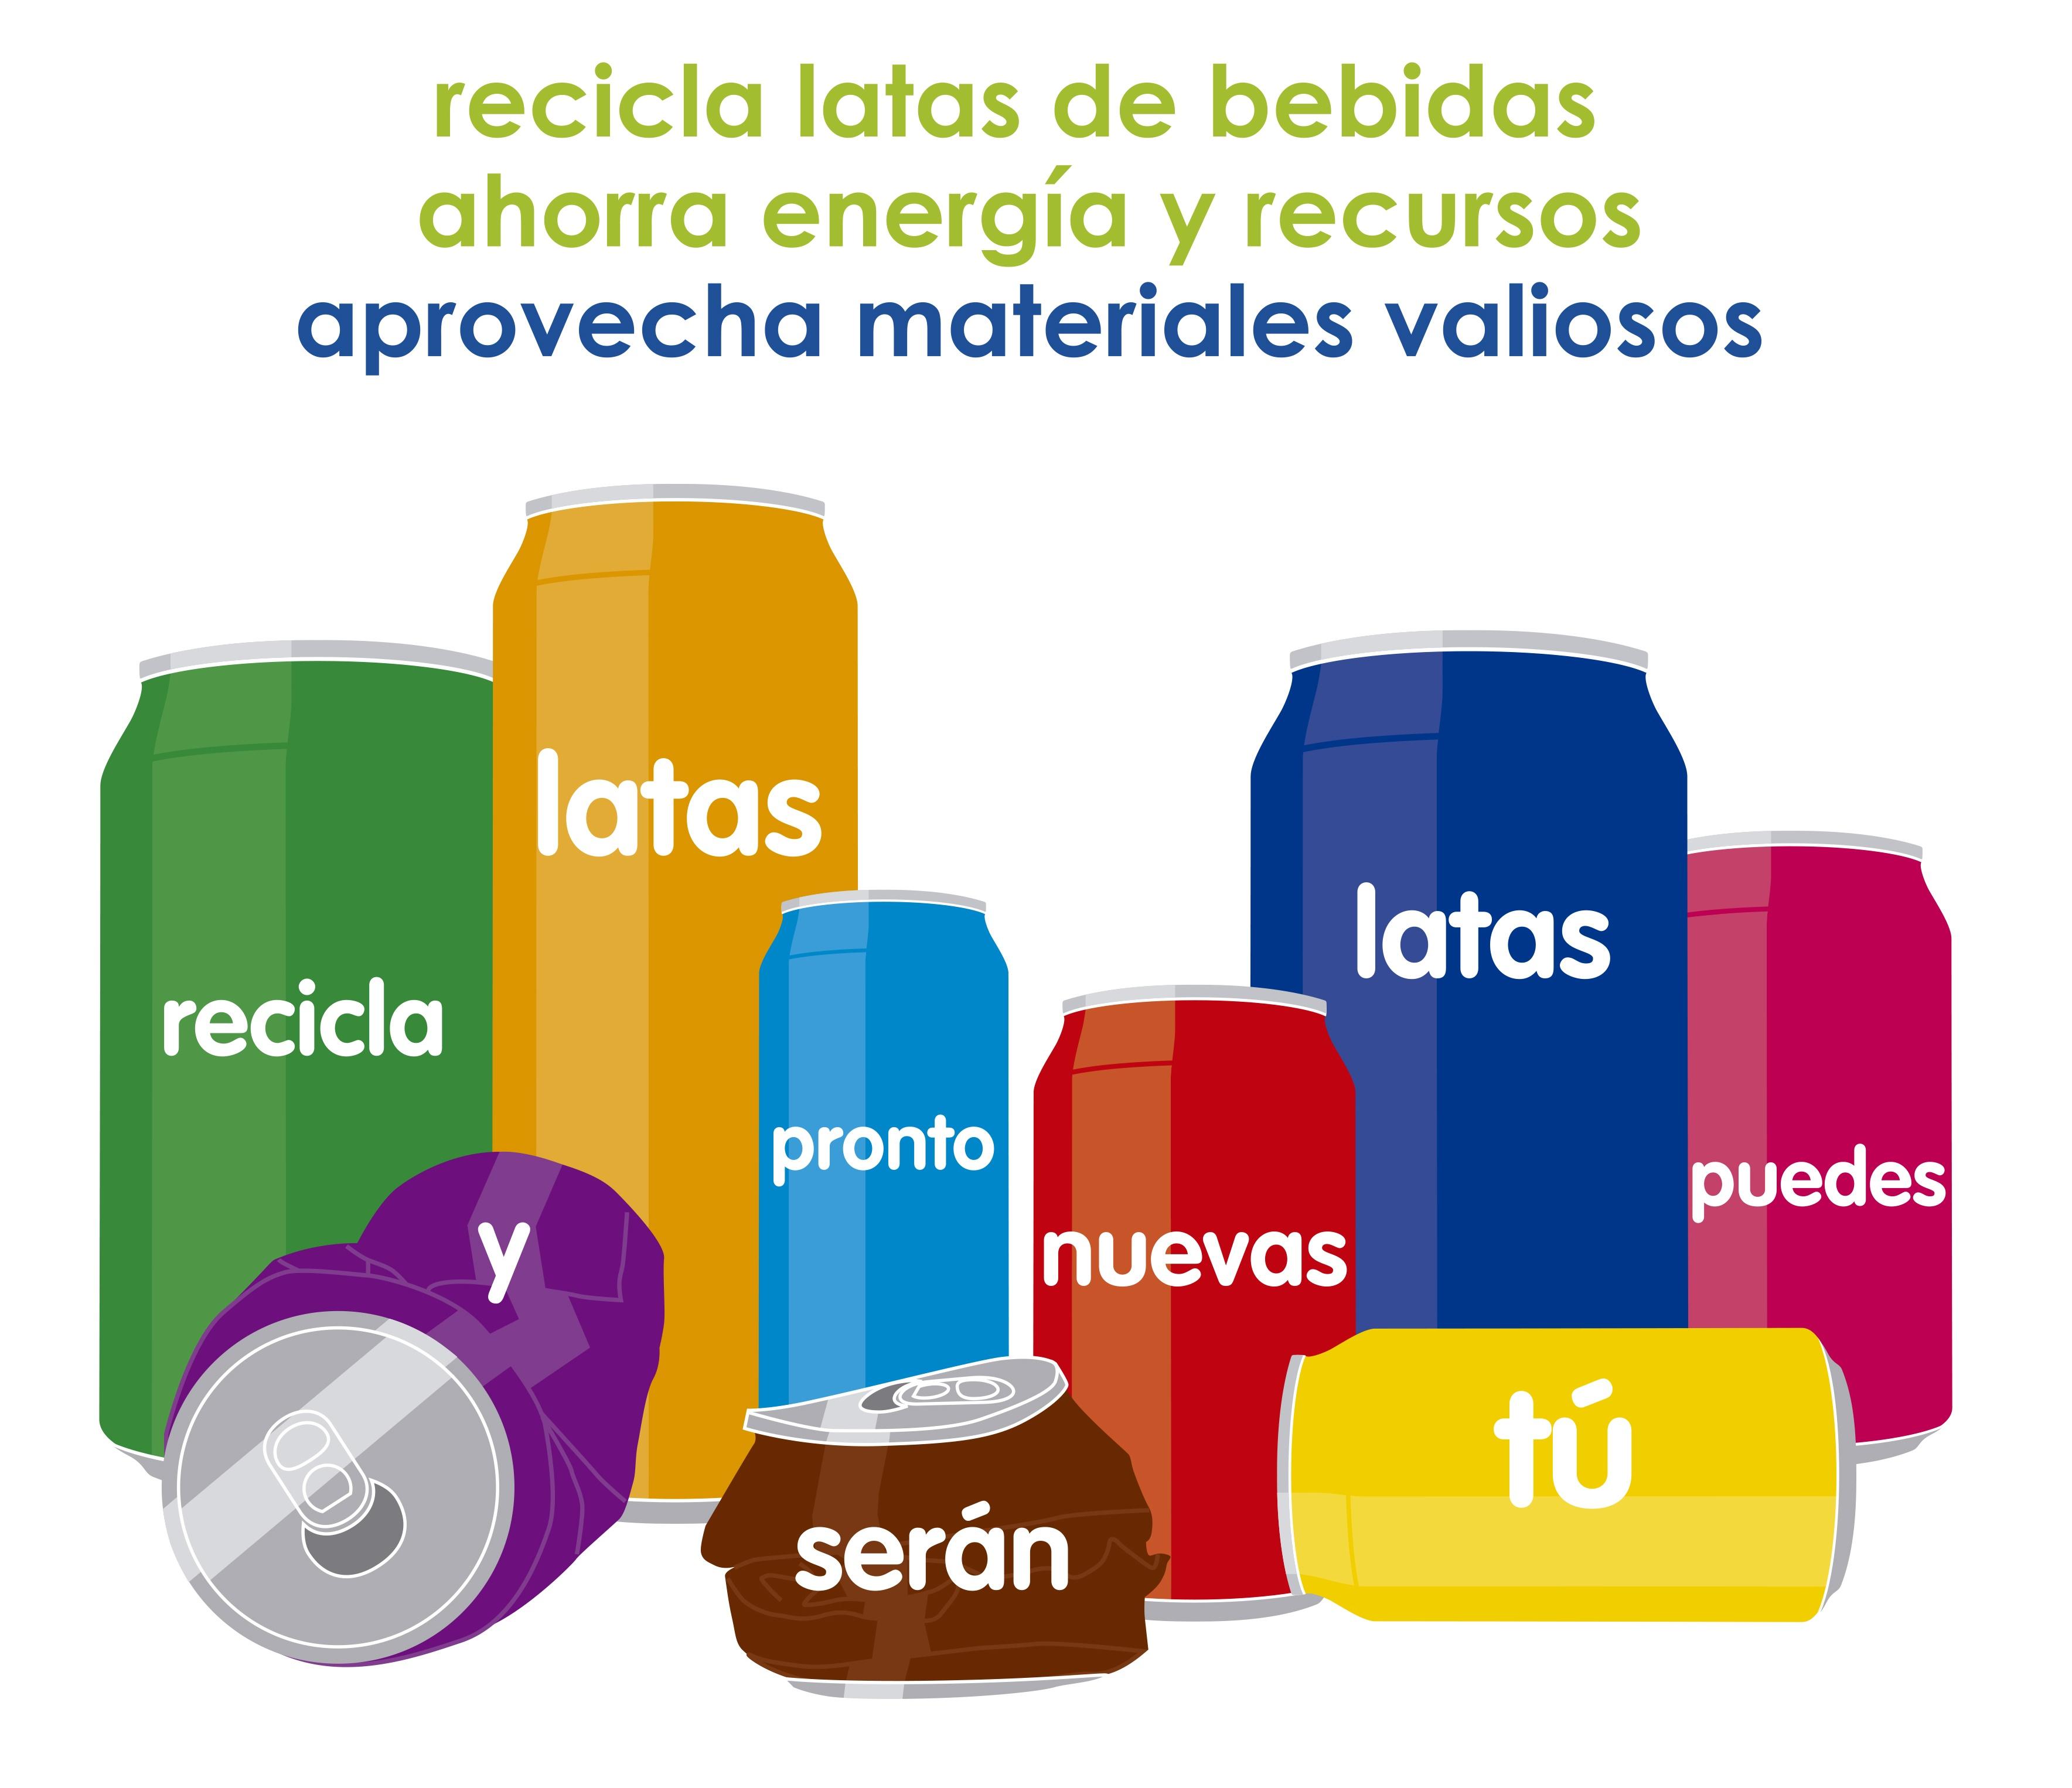 Campaña de recogida de latas de bebida en la zona Forum de Barcelona